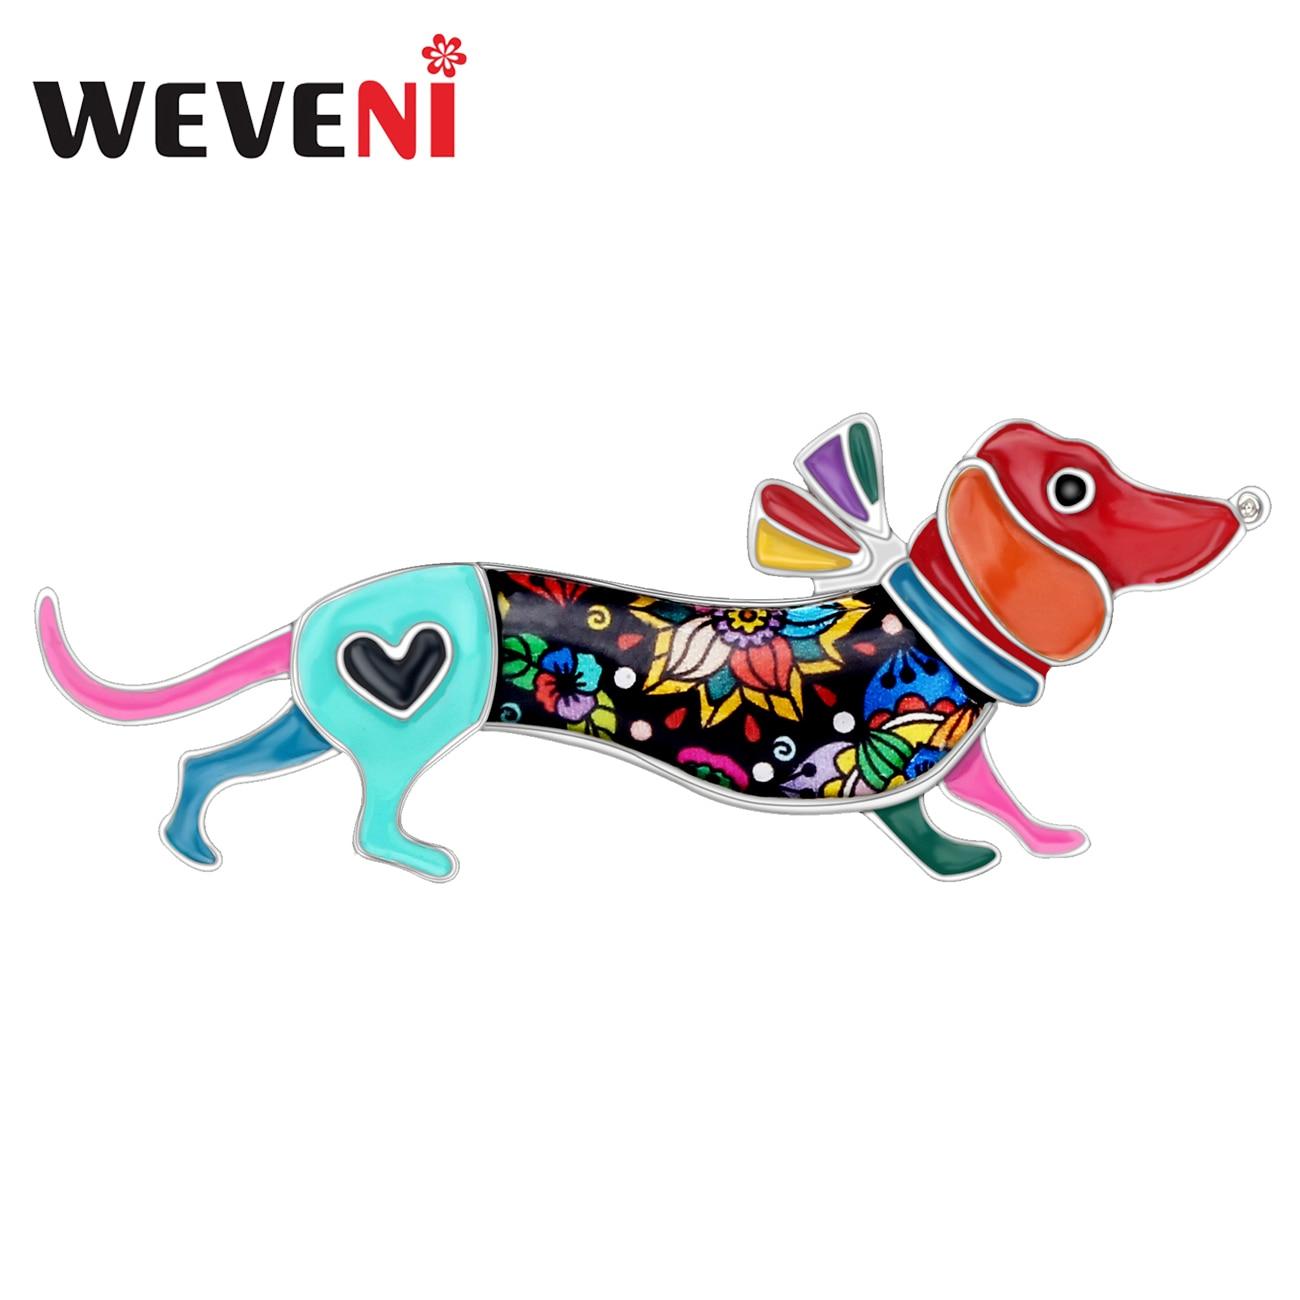 Enamel Alloy Rhinestones Dachshund Dog Brooch Silk Scarf Buckle Coat Western Ornament Badge Christmas New Year Gift